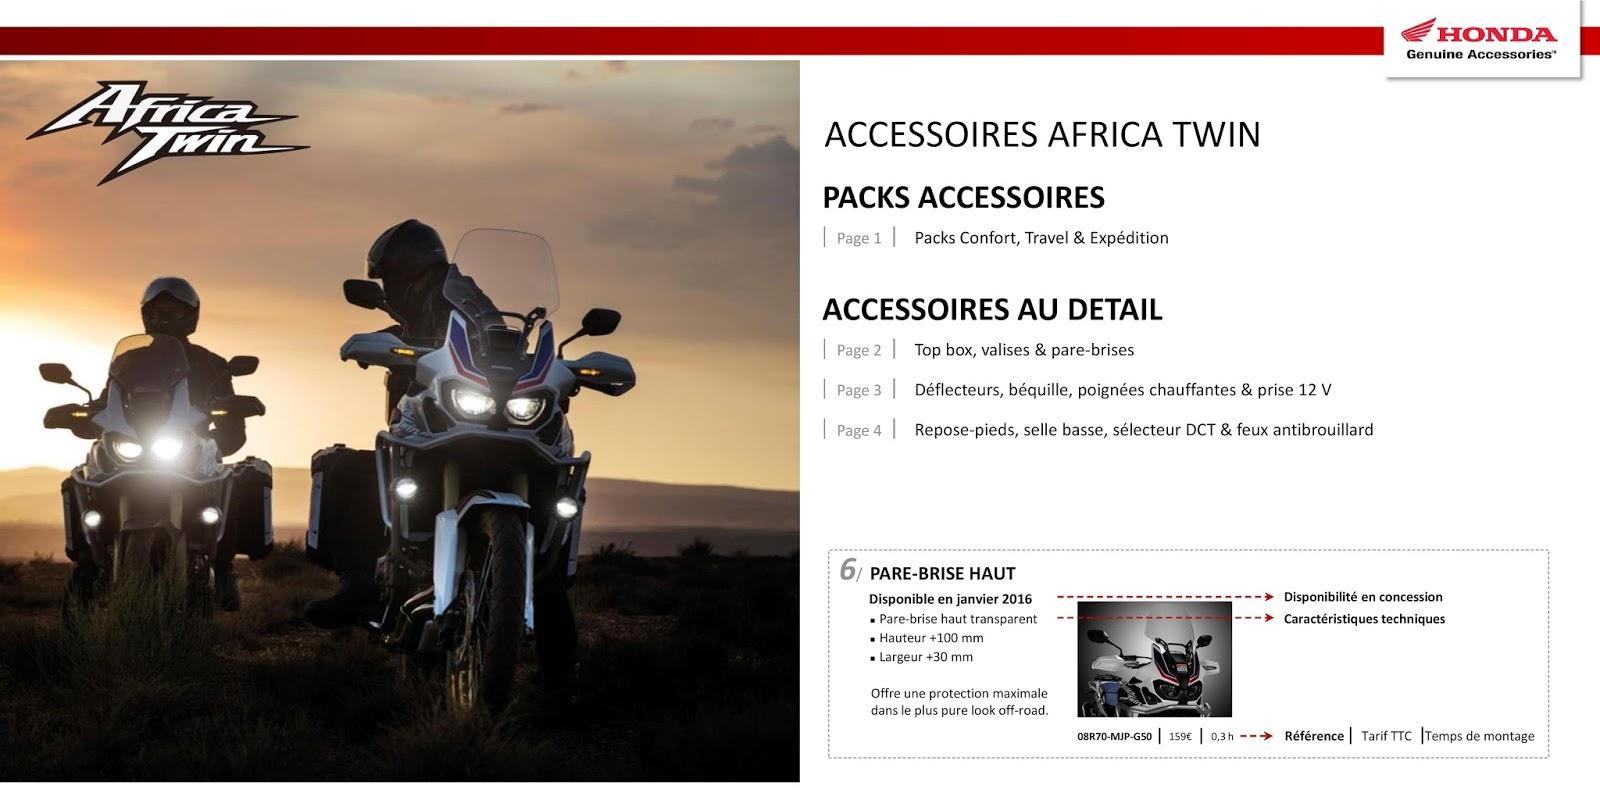 africa twin honda liste des prix accessoires france. Black Bedroom Furniture Sets. Home Design Ideas